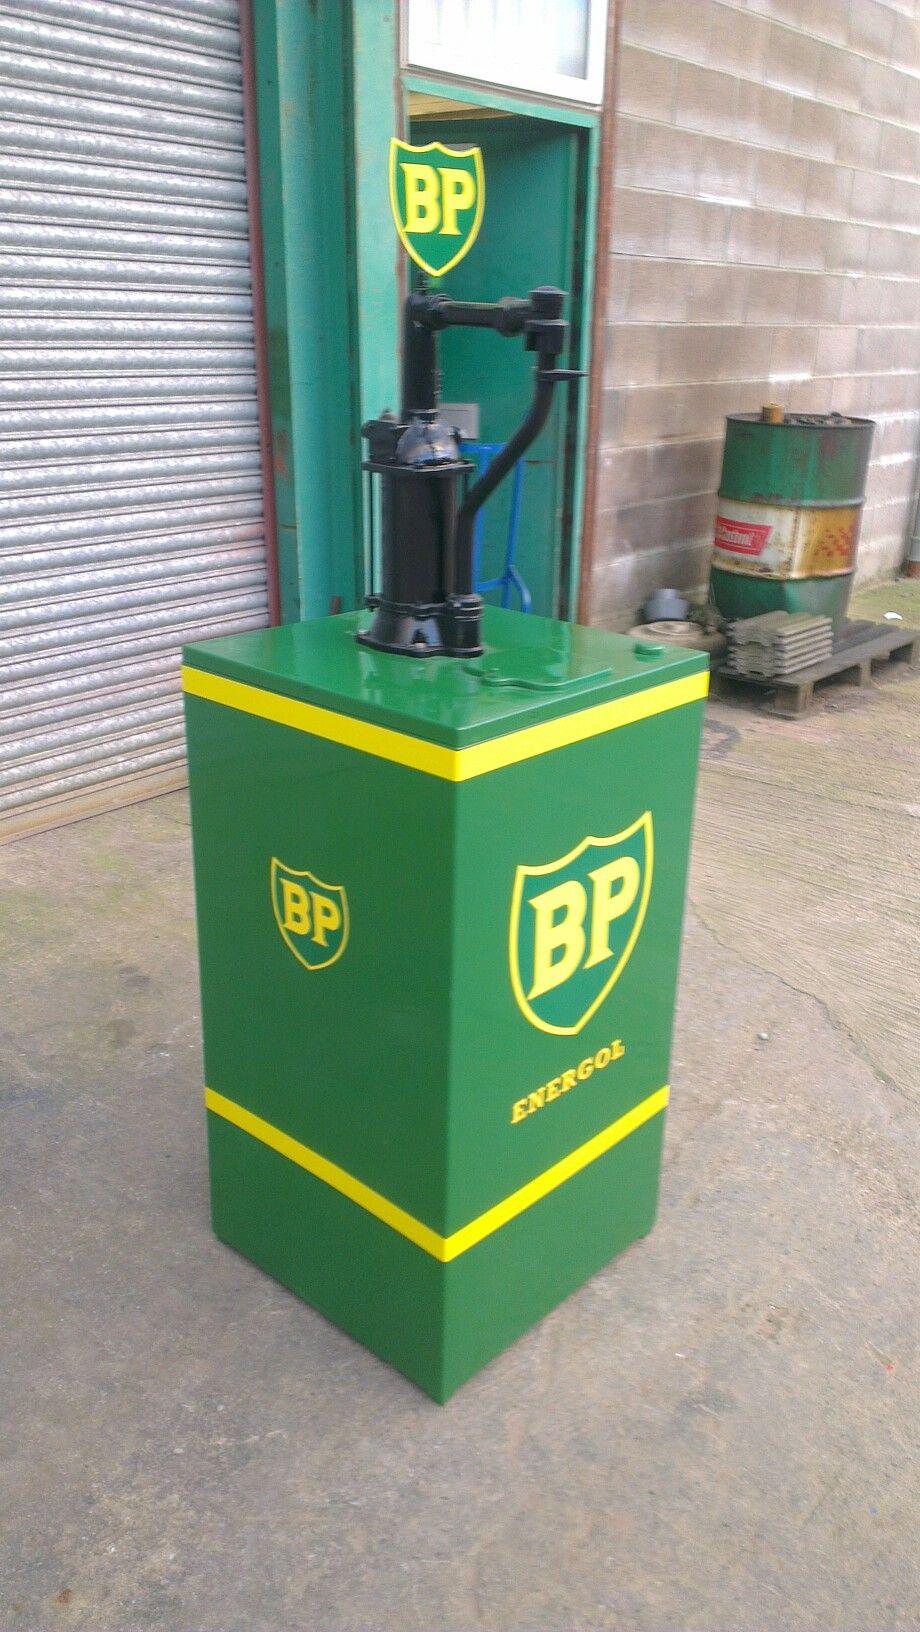 Bp Energol Oil Dispenser Vintage Gas Pumps Old Gas Pumps Old Gas Stations